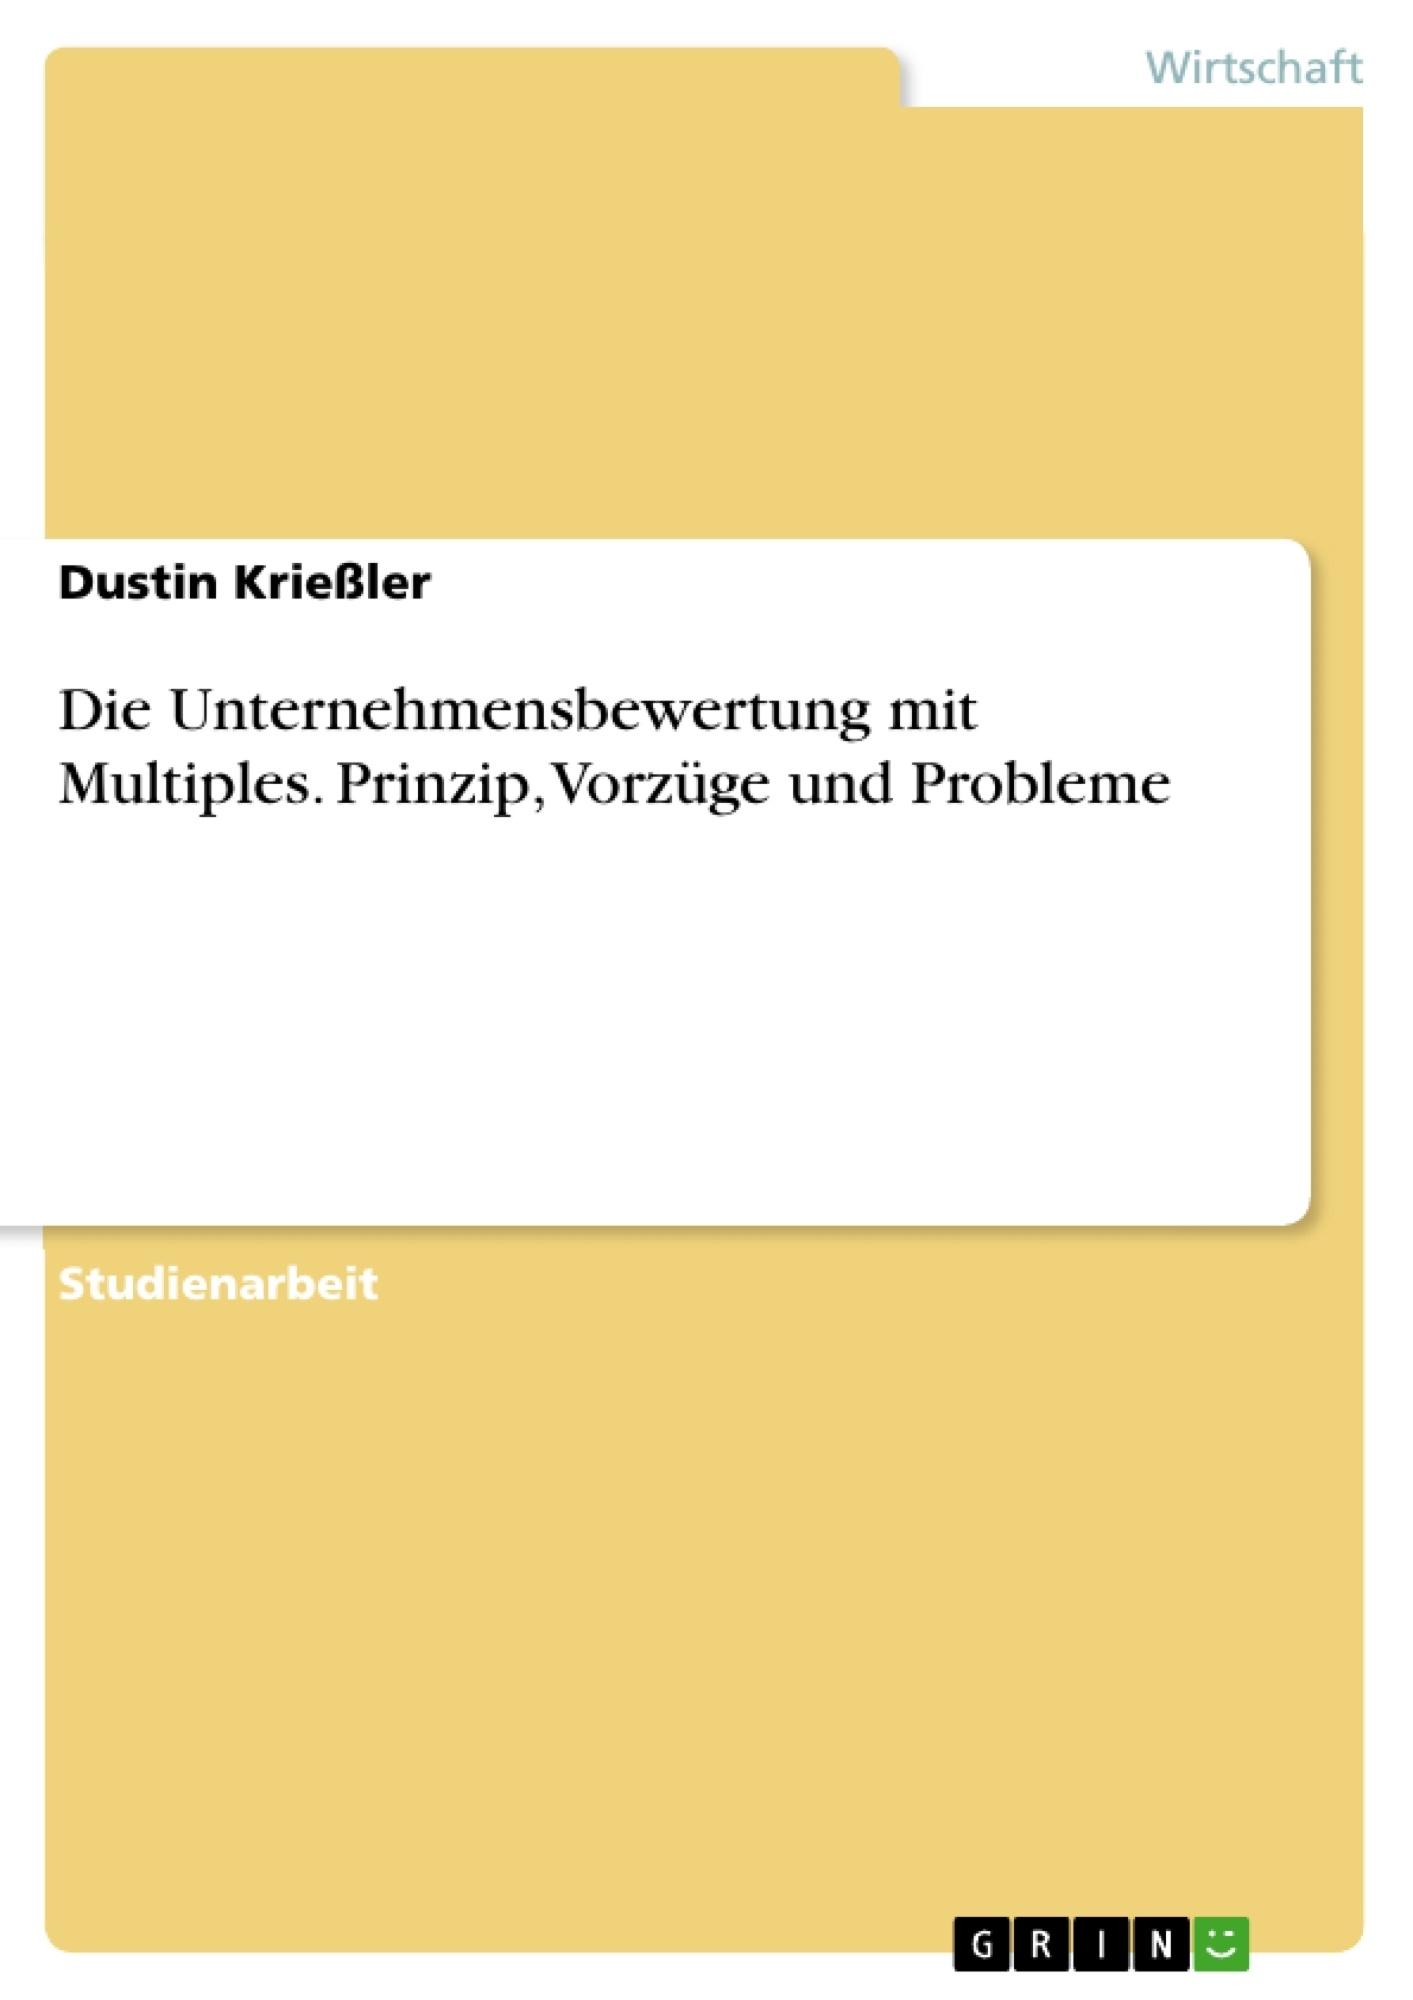 Titel: Die Unternehmensbewertung mit Multiples. Prinzip, Vorzüge und Probleme